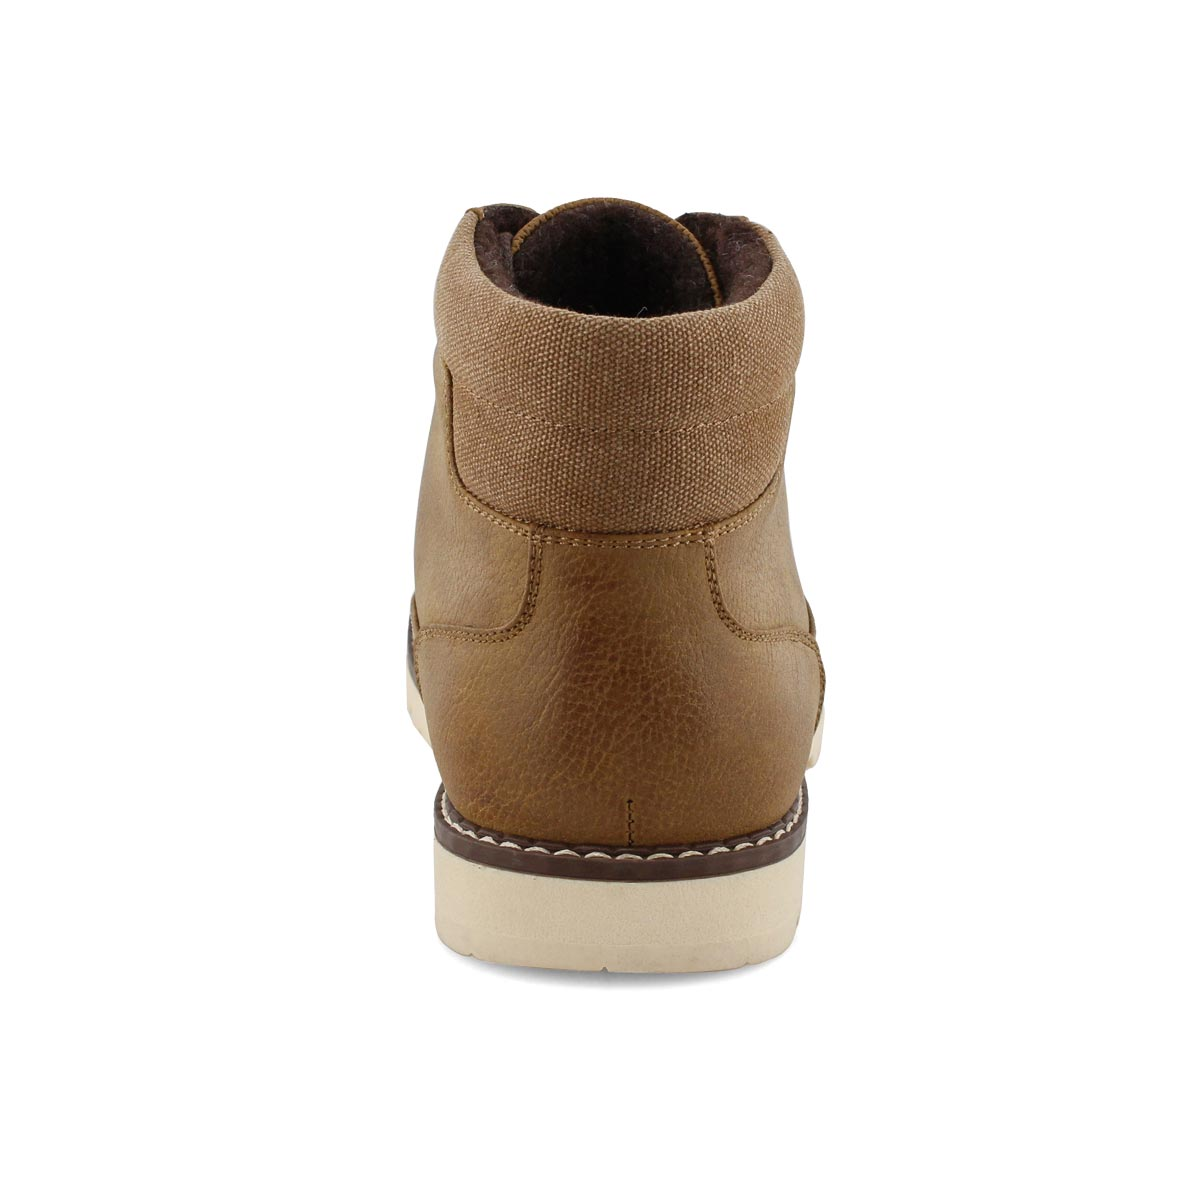 Mns Hallway 2 cognac lace up ankle boot